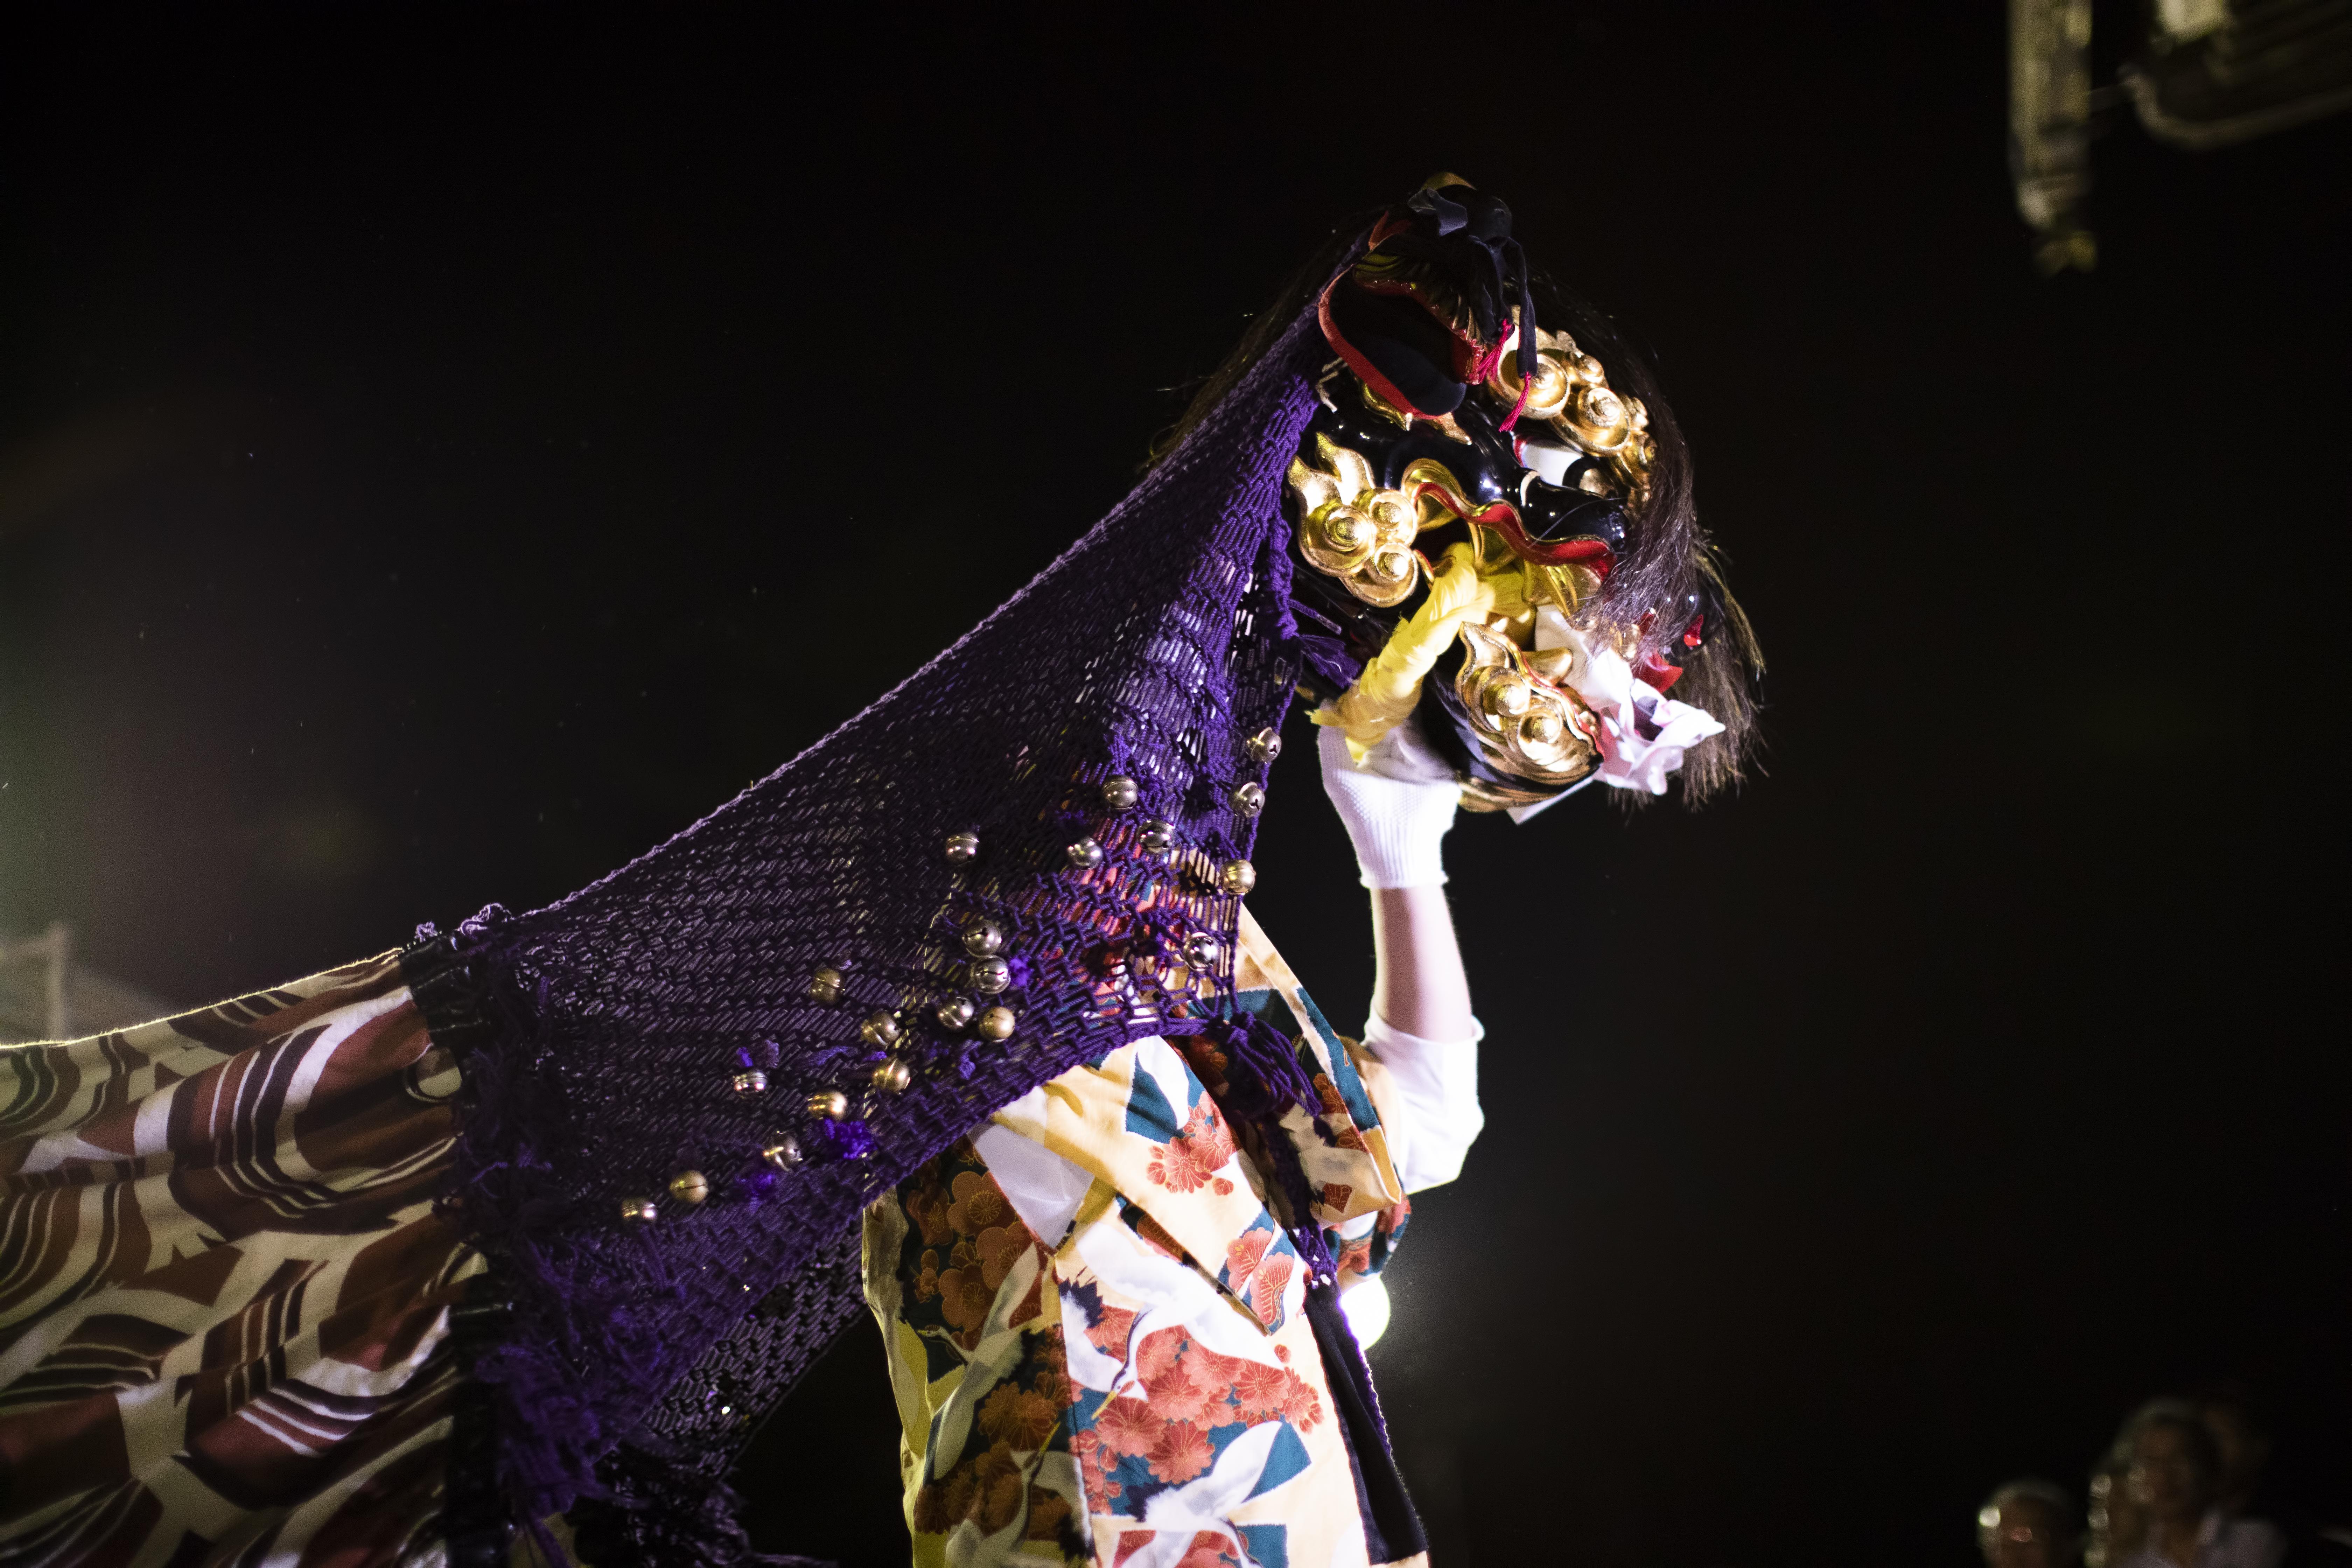 獅子舞共演会の写真を公開します!の画像